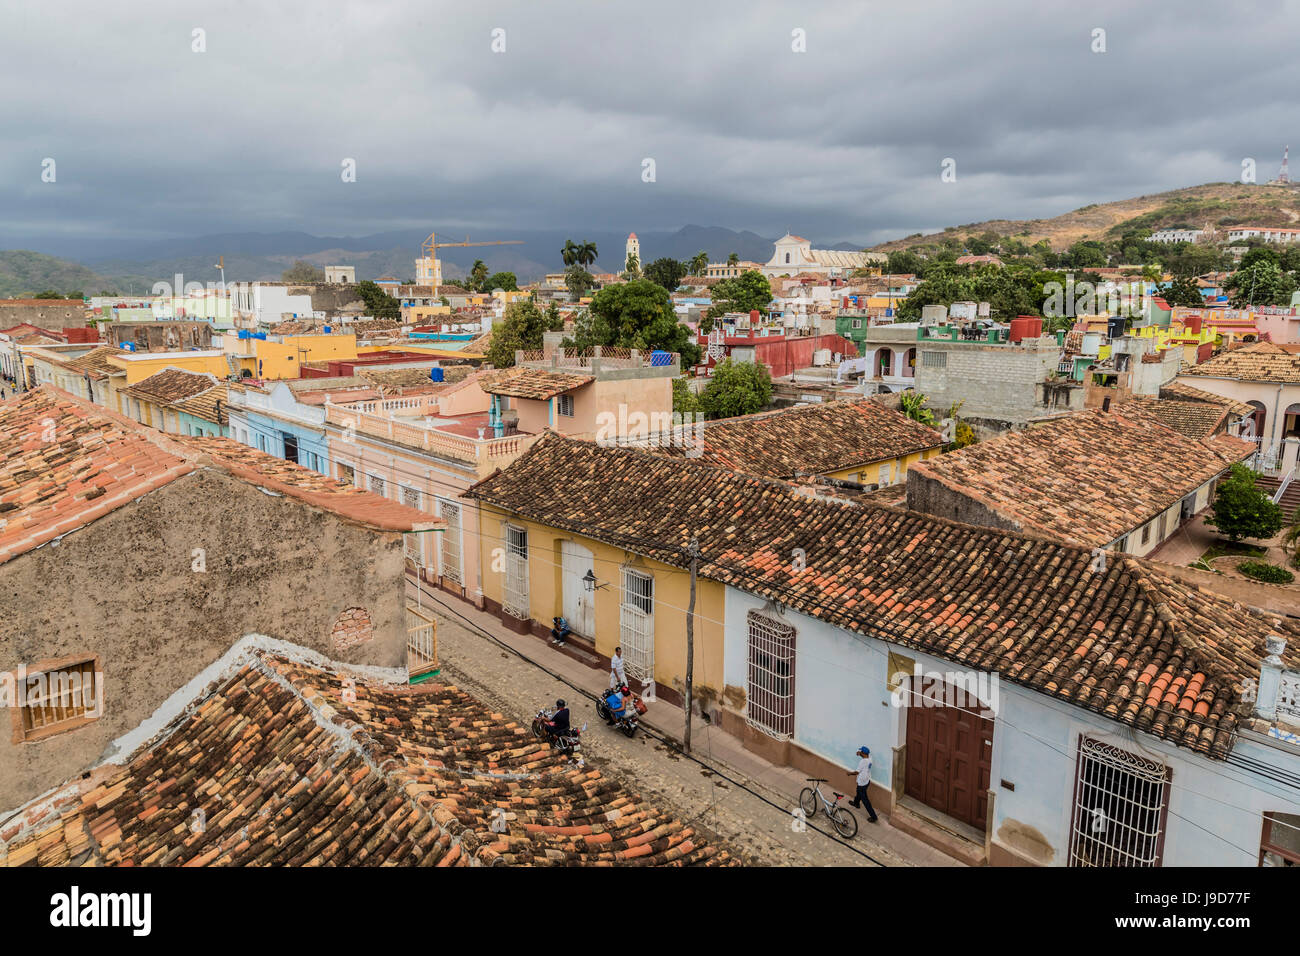 Une vue de la Plaza Mayor, Trinidad, Site du patrimoine mondial de l'UNESCO, Cuba, Antilles, Caraïbes, Photo Stock